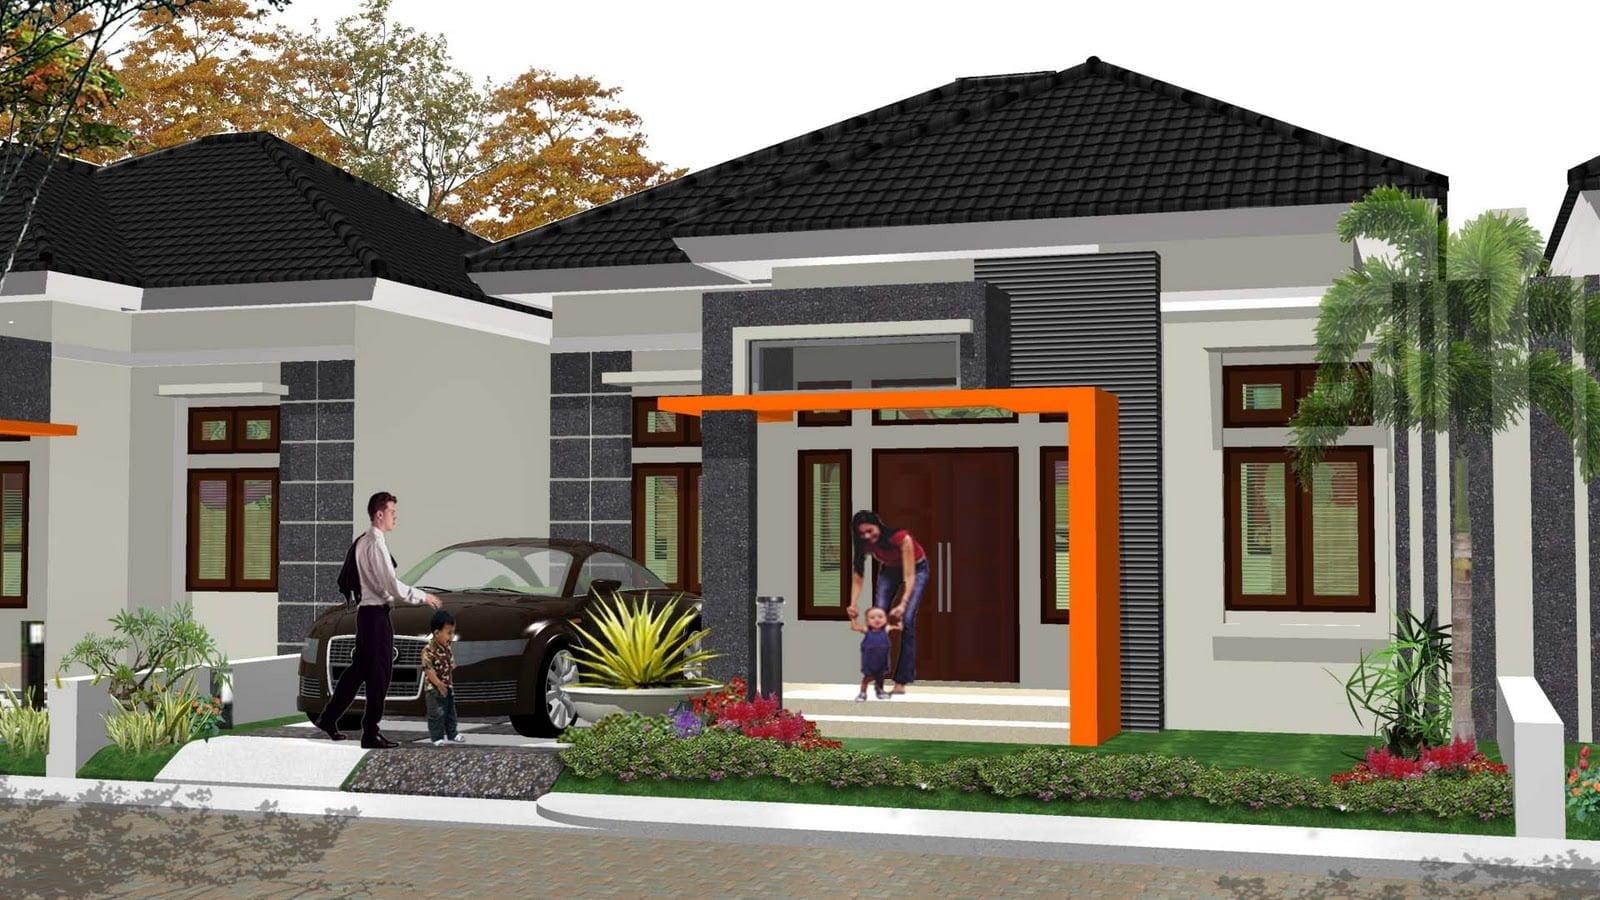 48 Trend Desain Model Rumah Minimalis Tampak Depan 1 Lantai Yang Wajib Kamu Ketahui